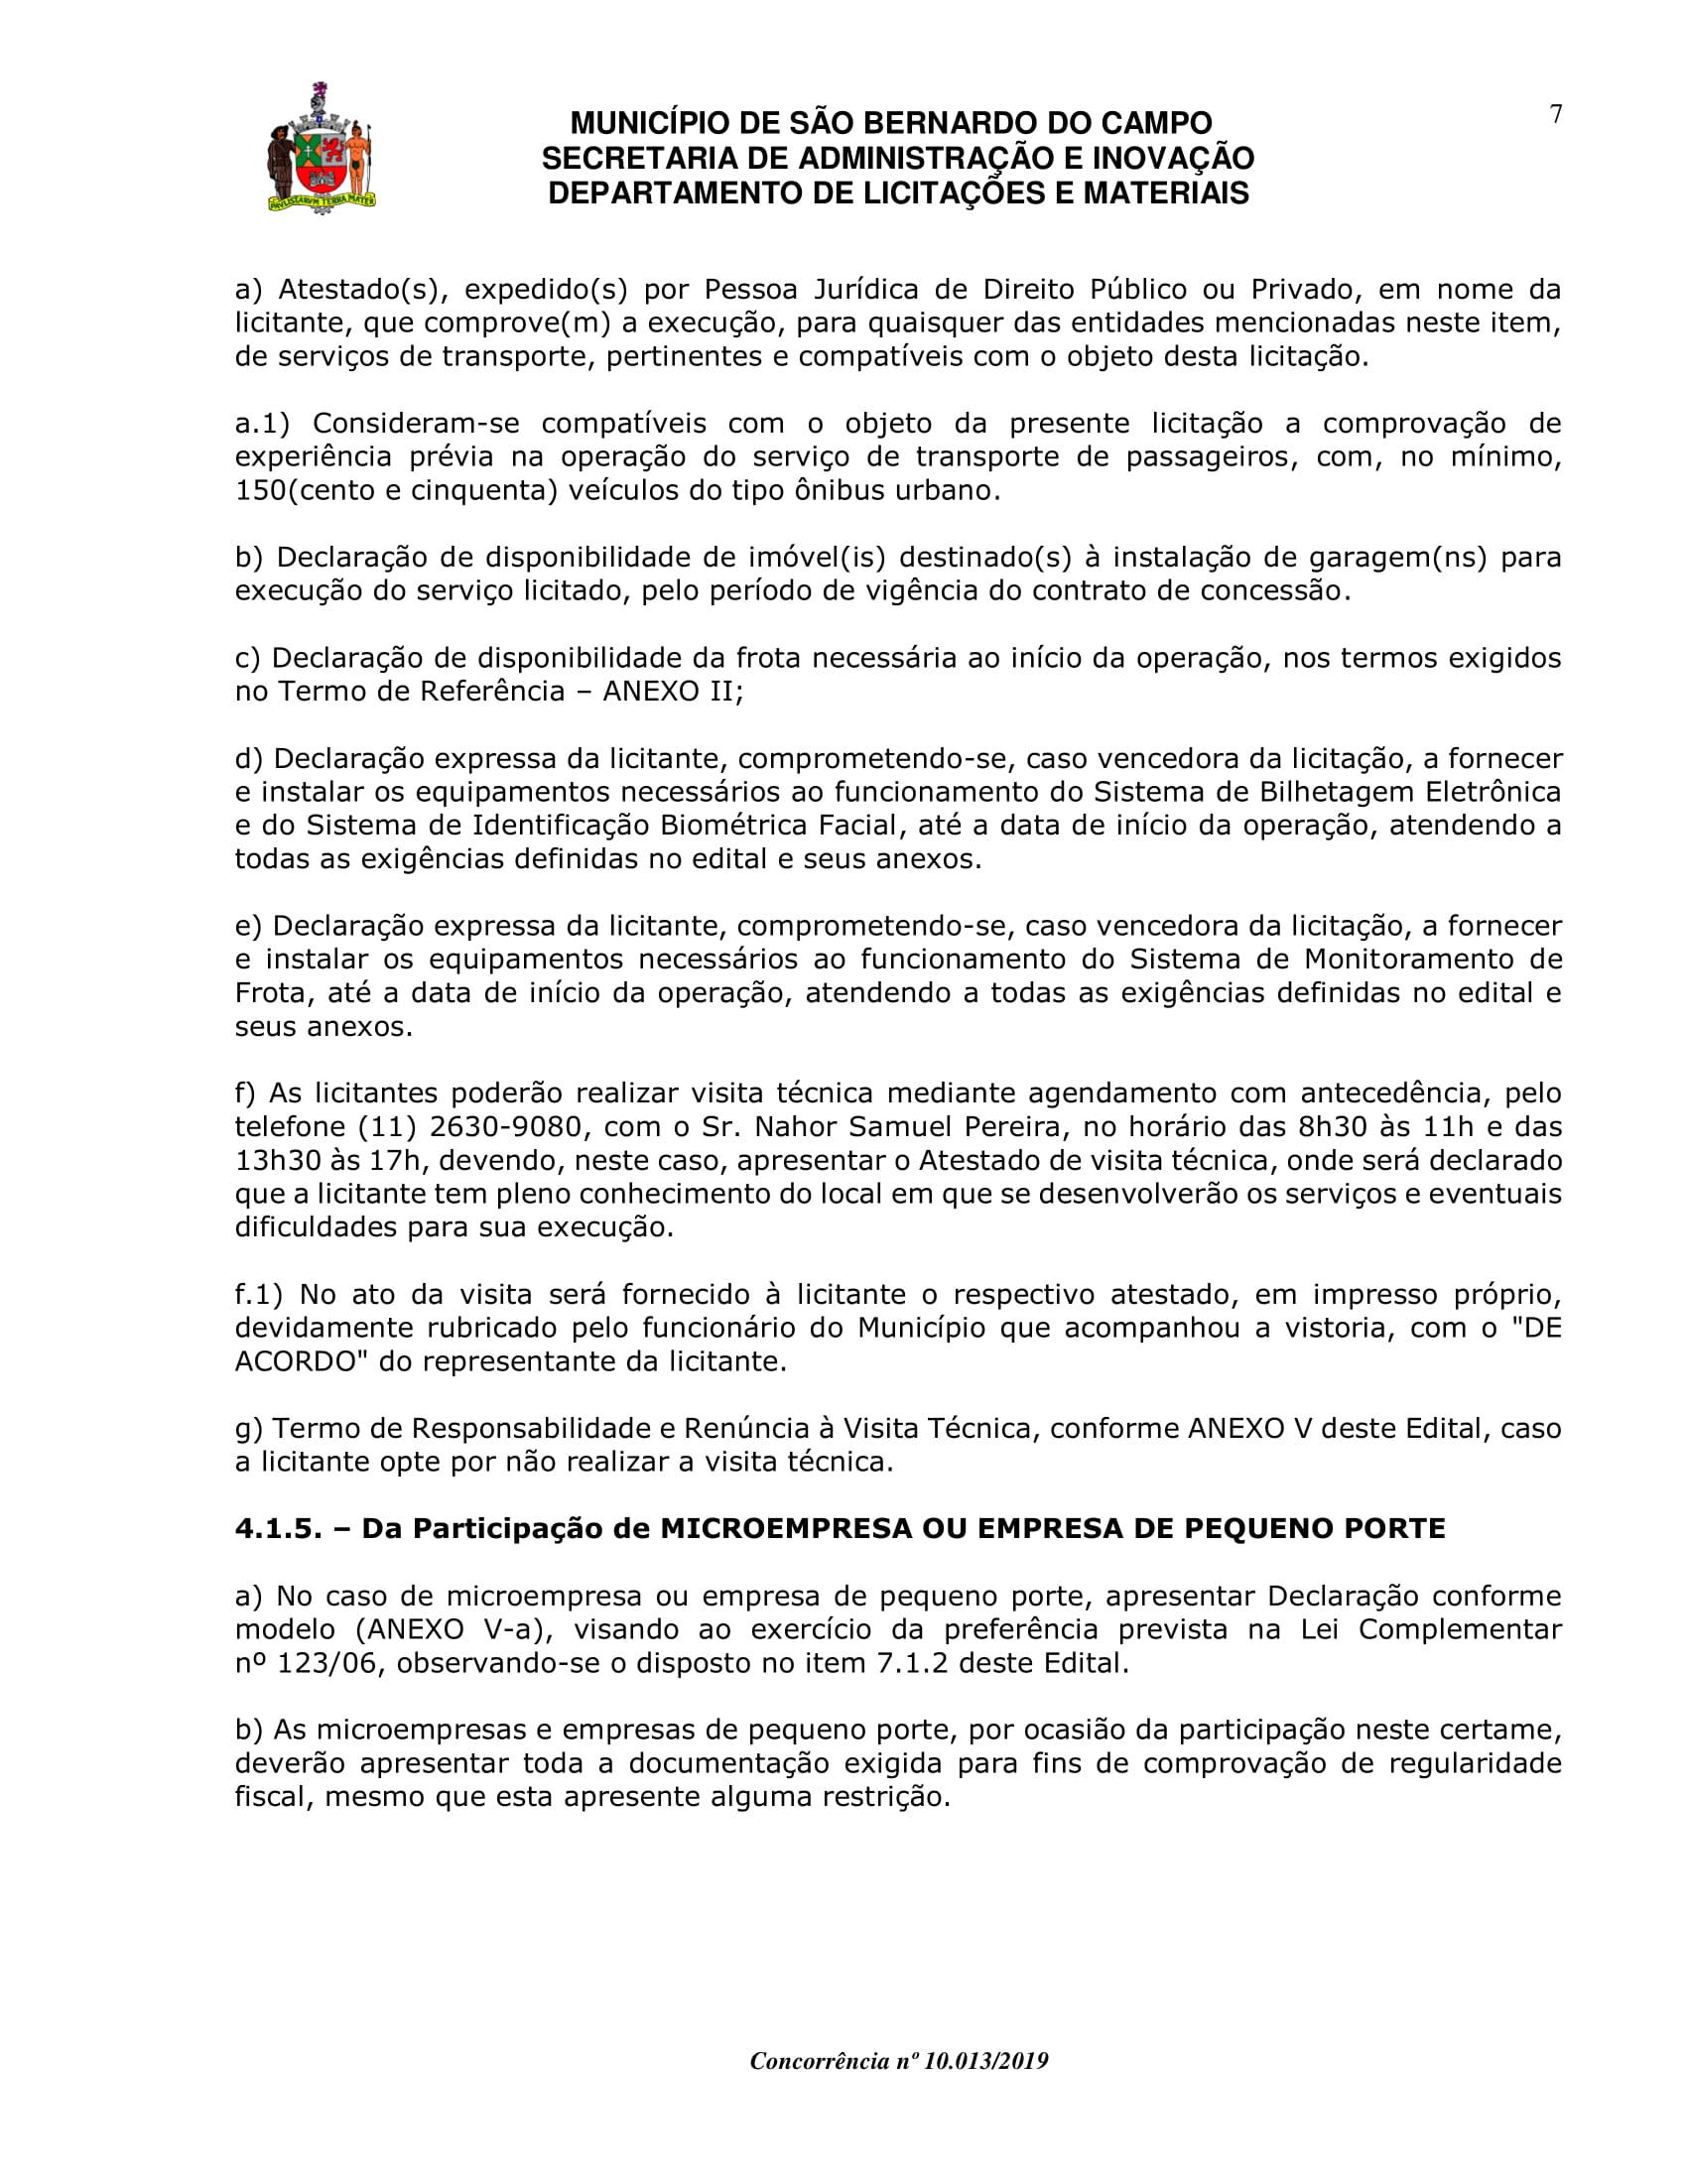 CP.10.013-19 edital-07